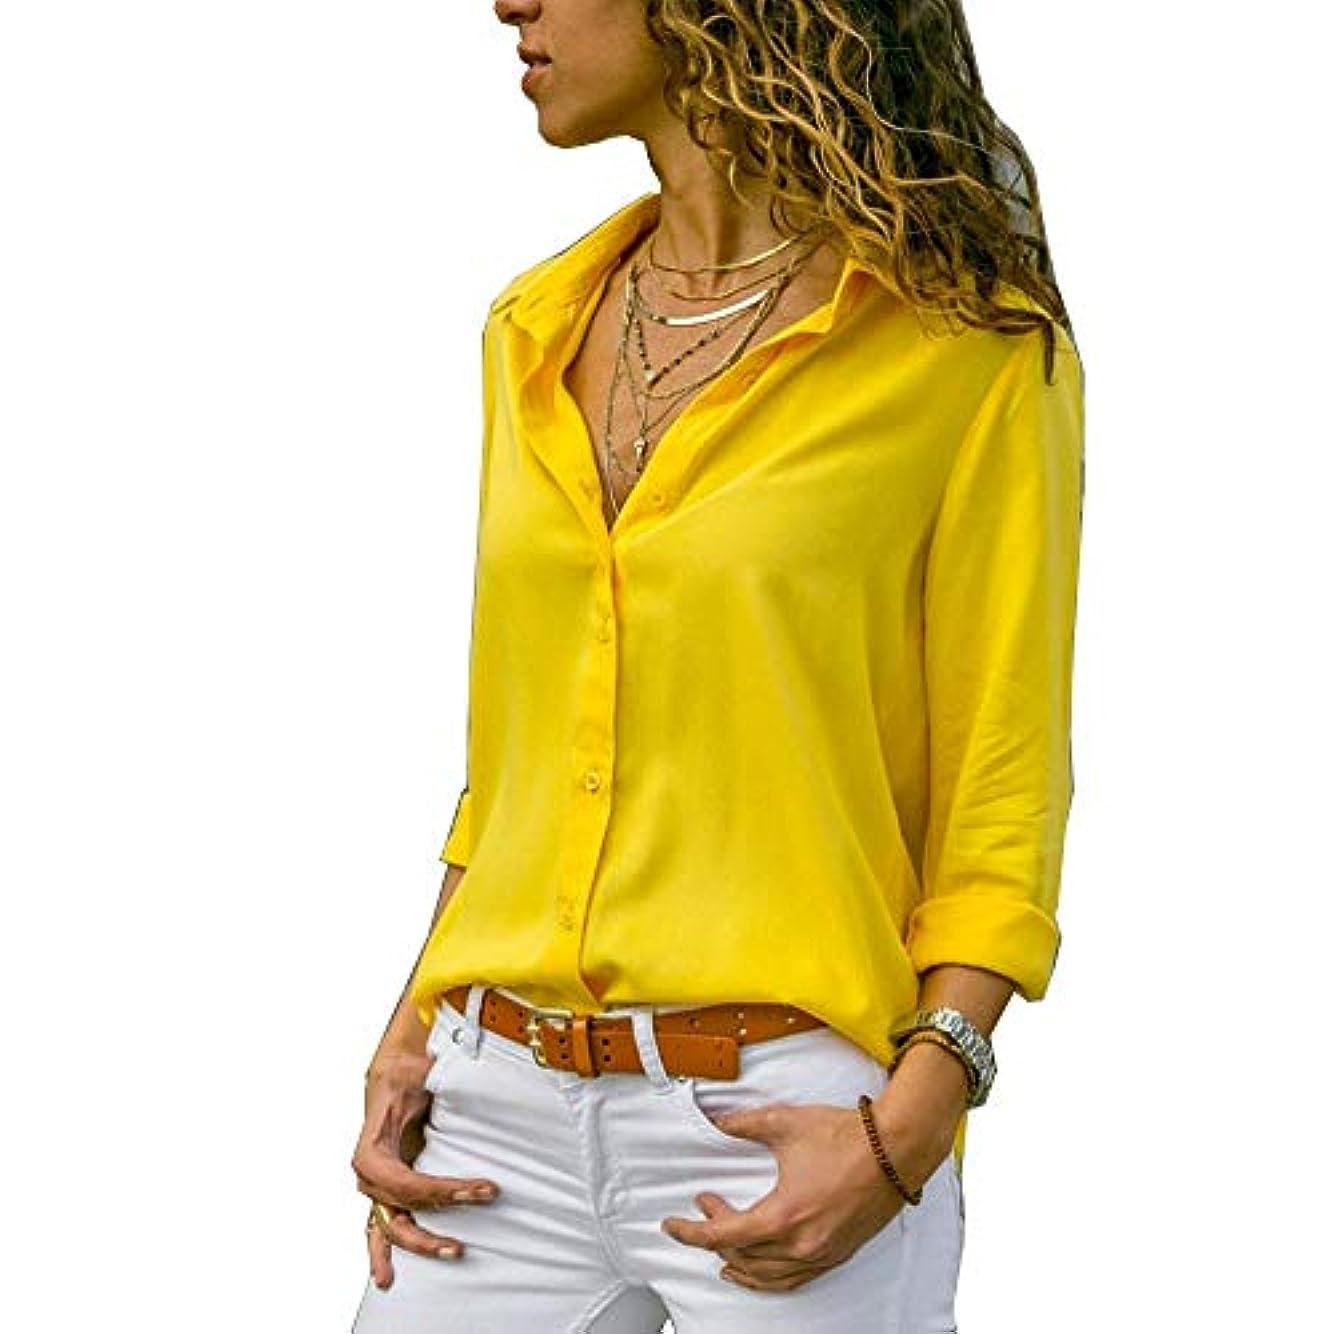 マグ不毛のマーキングMIFAN ルーズシャツ、トップス&Tシャツ、プラスサイズ、トップス&ブラウス、シフォンブラウス、女性トップス、シフォンシャツ